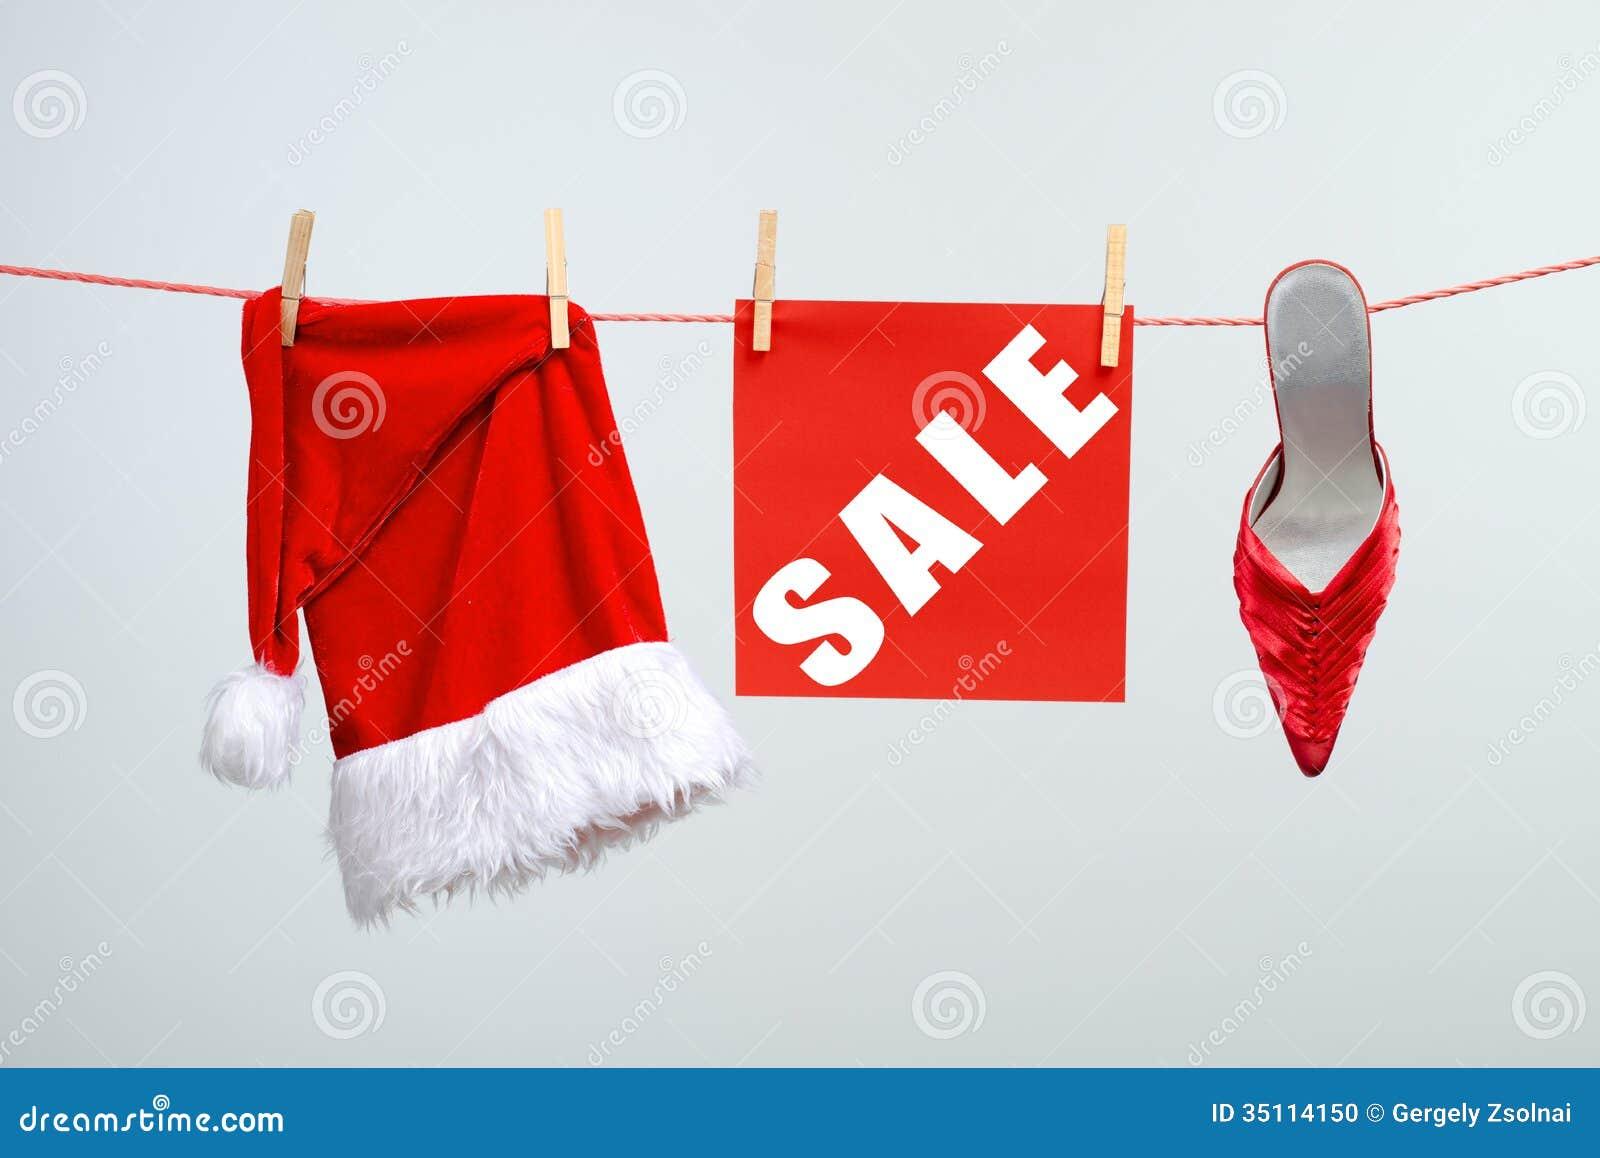 Christmas SALE Stock Photo - Image: 35114150